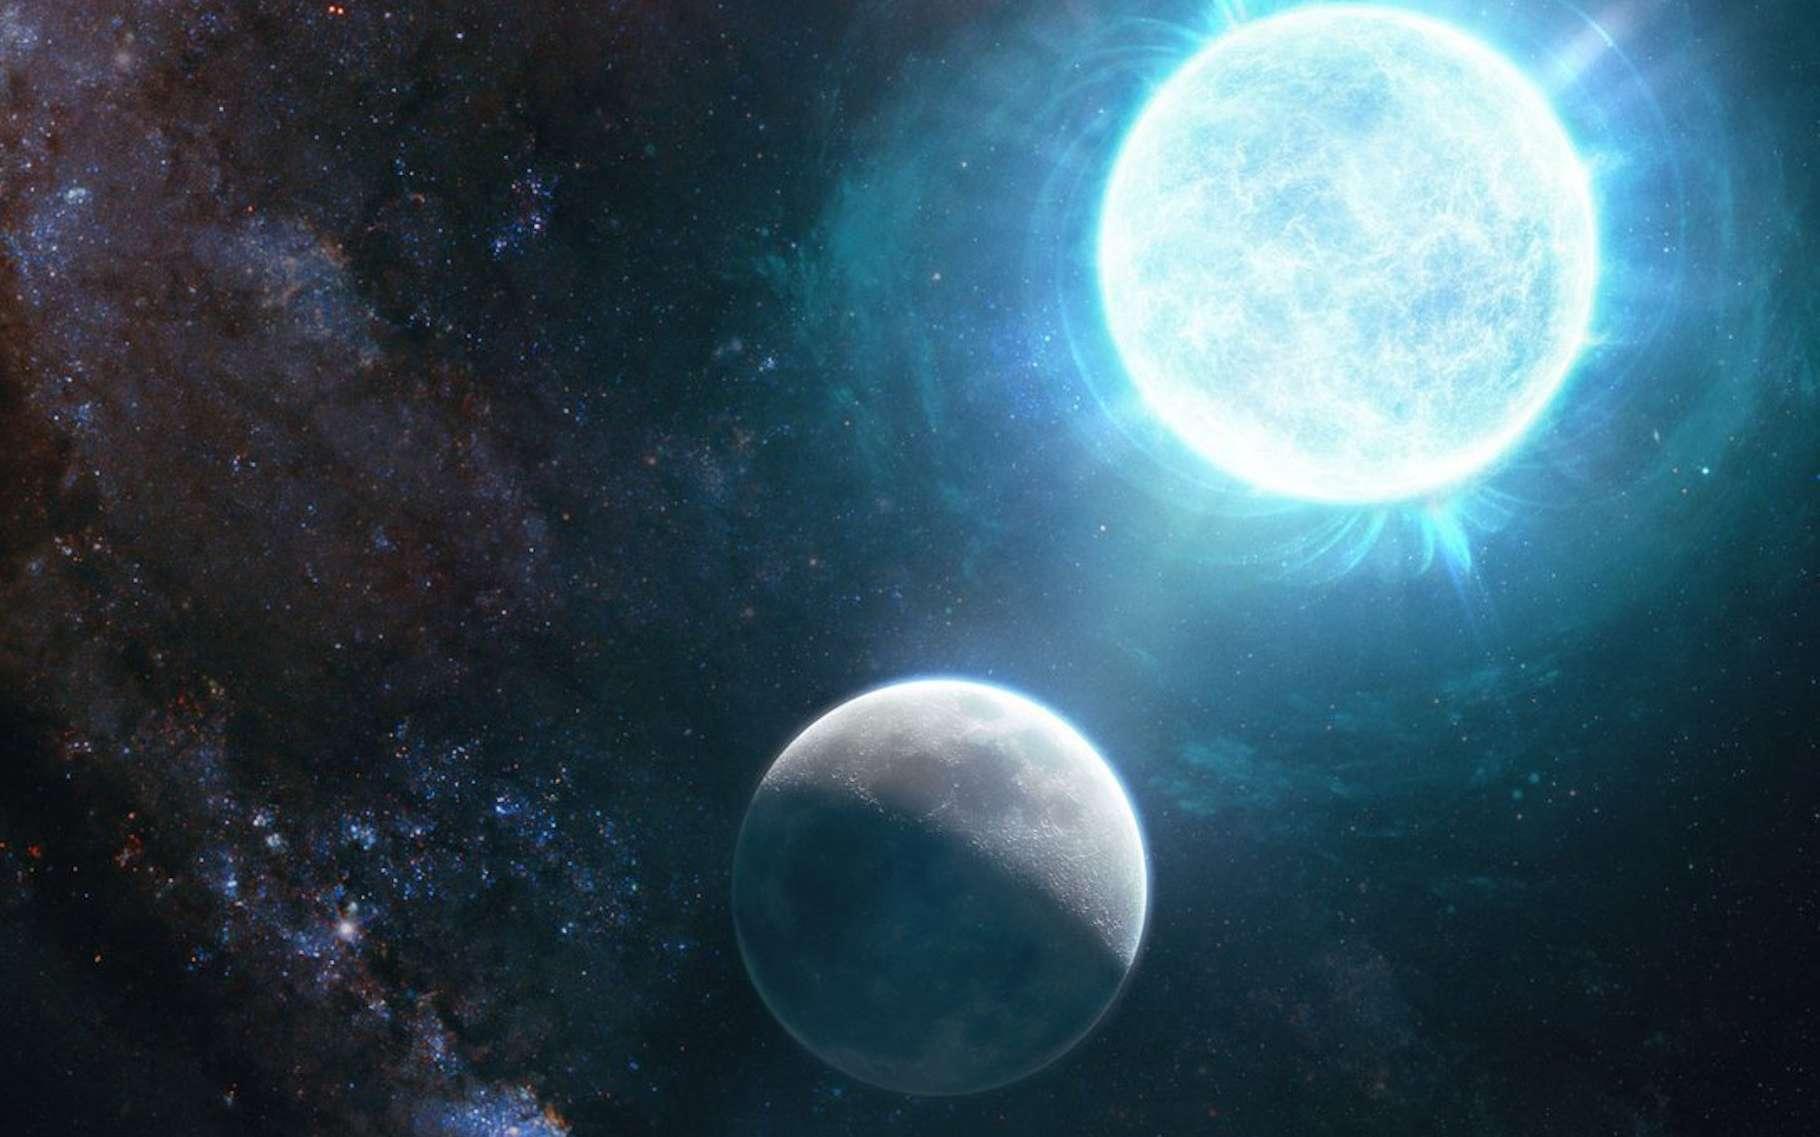 Des chercheurs de l'Institut de technologie de Californie (Caltech, États-Unis) ont découvert une naine blanche à peine plus grande que notre Lune. Mais renferme 1,35 fois la masse de notre Soleil ! © Giuseppe Parisi, Caltech